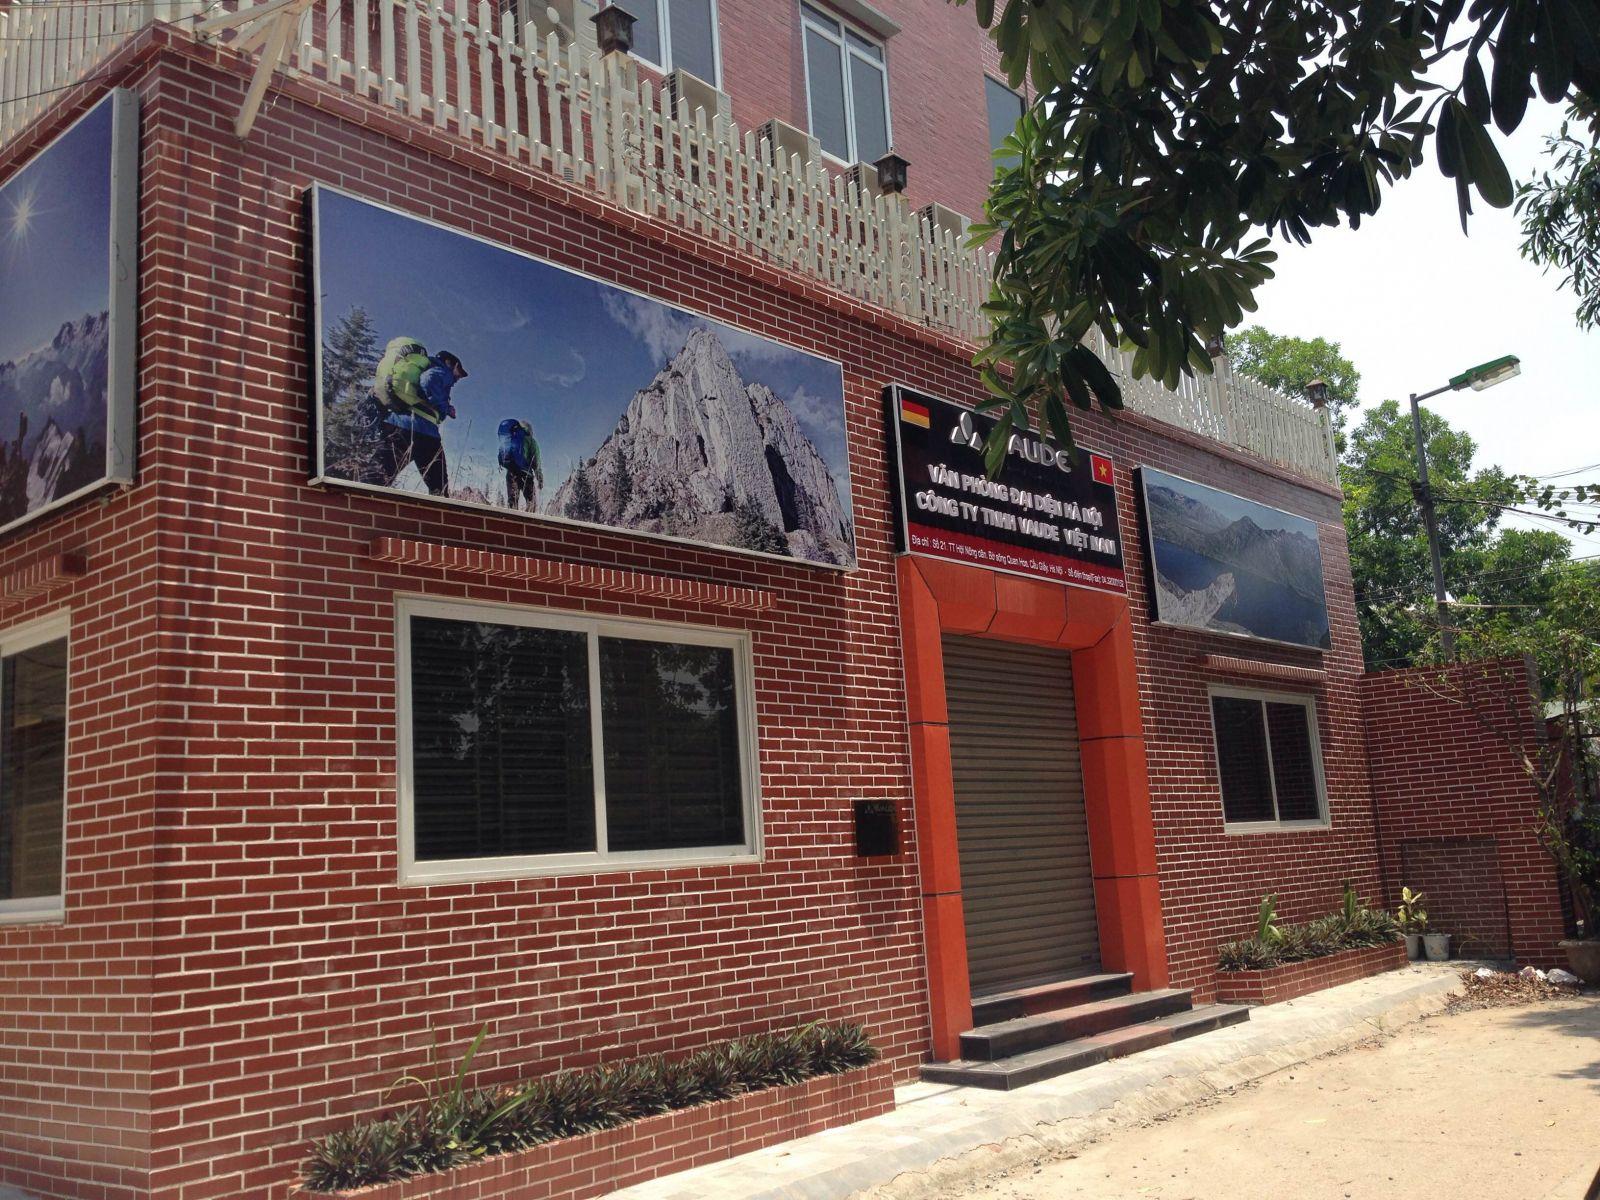 Văn phòng Vaude Hà Nội